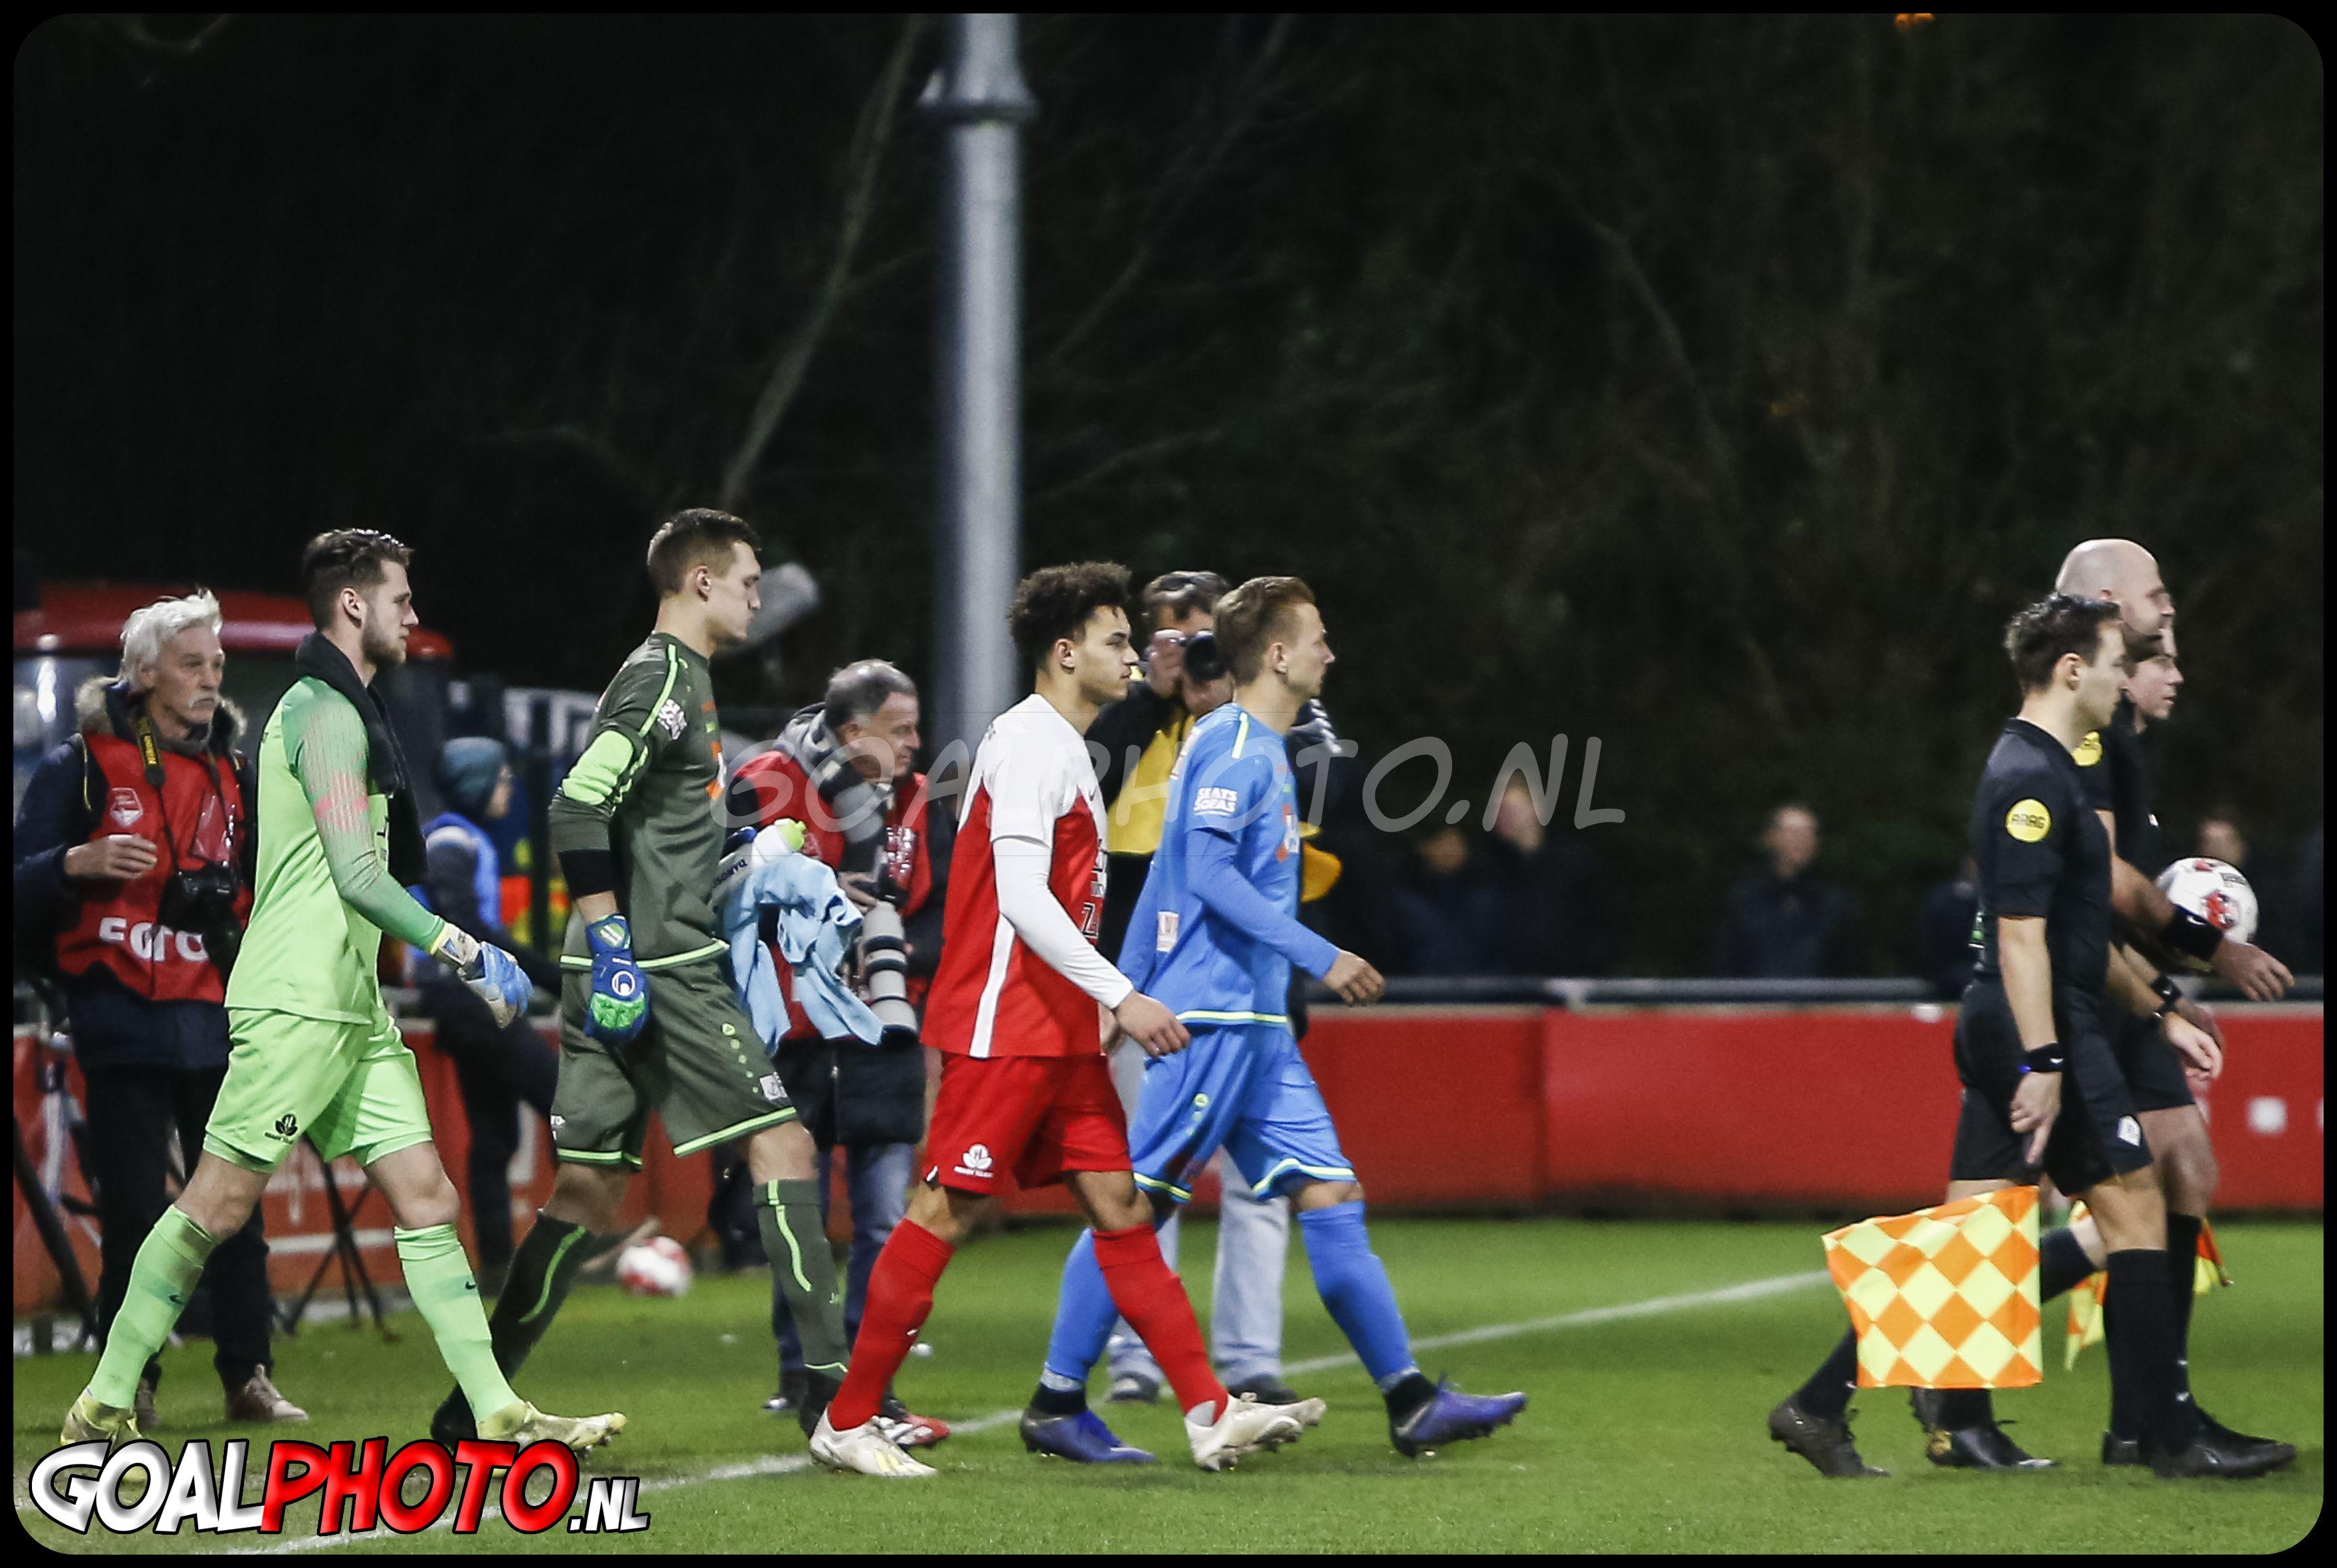 Jong FC Utrecht - Volendam 24-03-2020